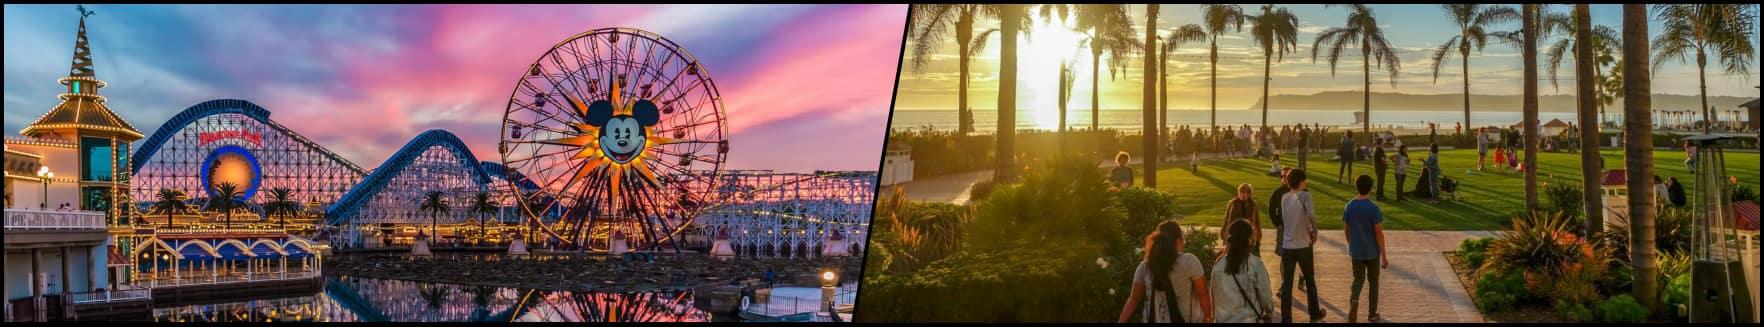 Los Angeles - Disneyland/San Diego